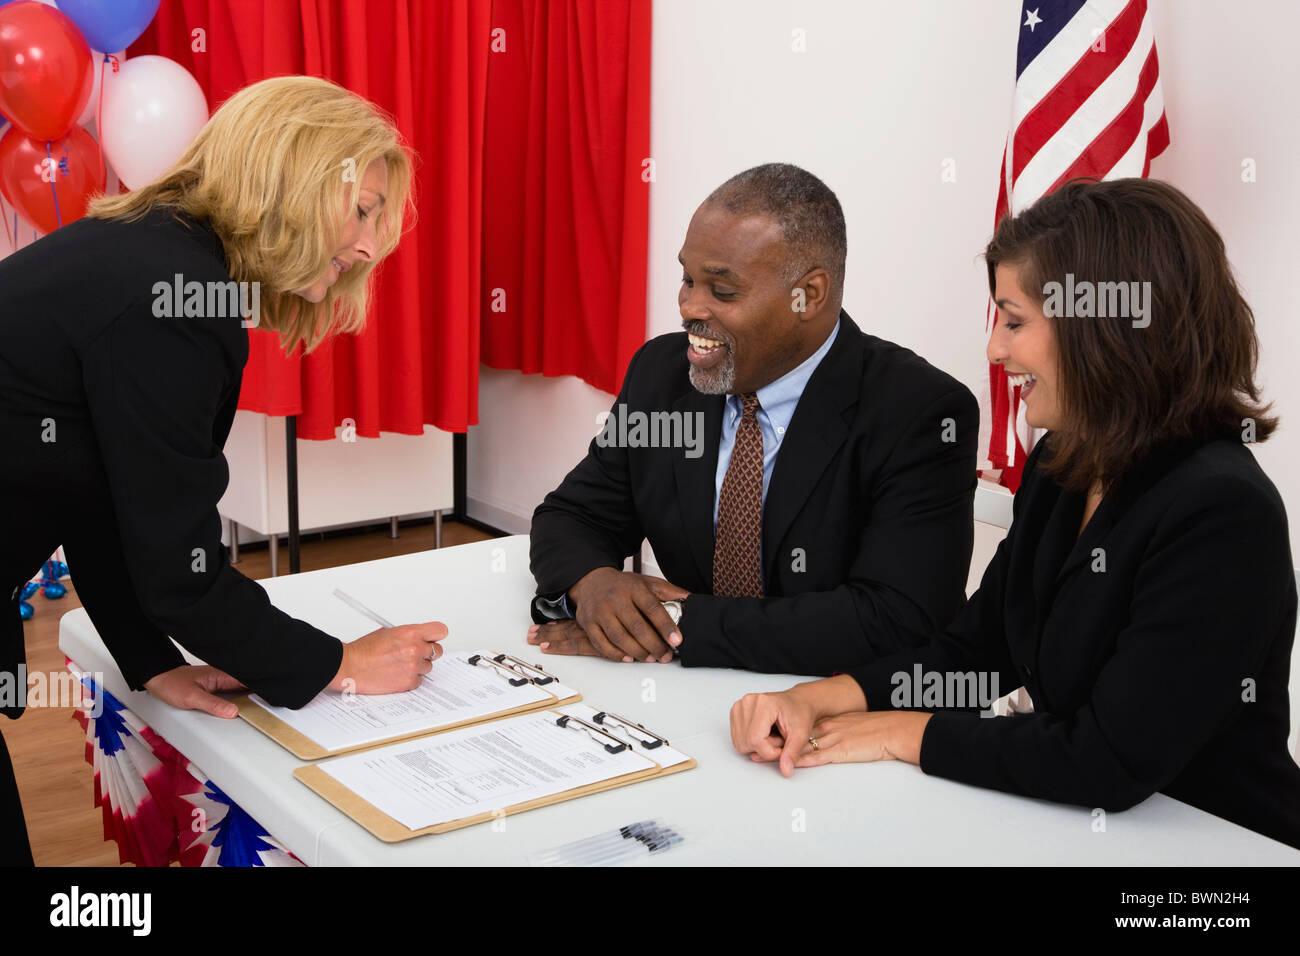 Estados Unidos, Illinois, Metamora, gente en el lugar de votación tabla, bandera estadounidense, globos y cabina Imagen De Stock